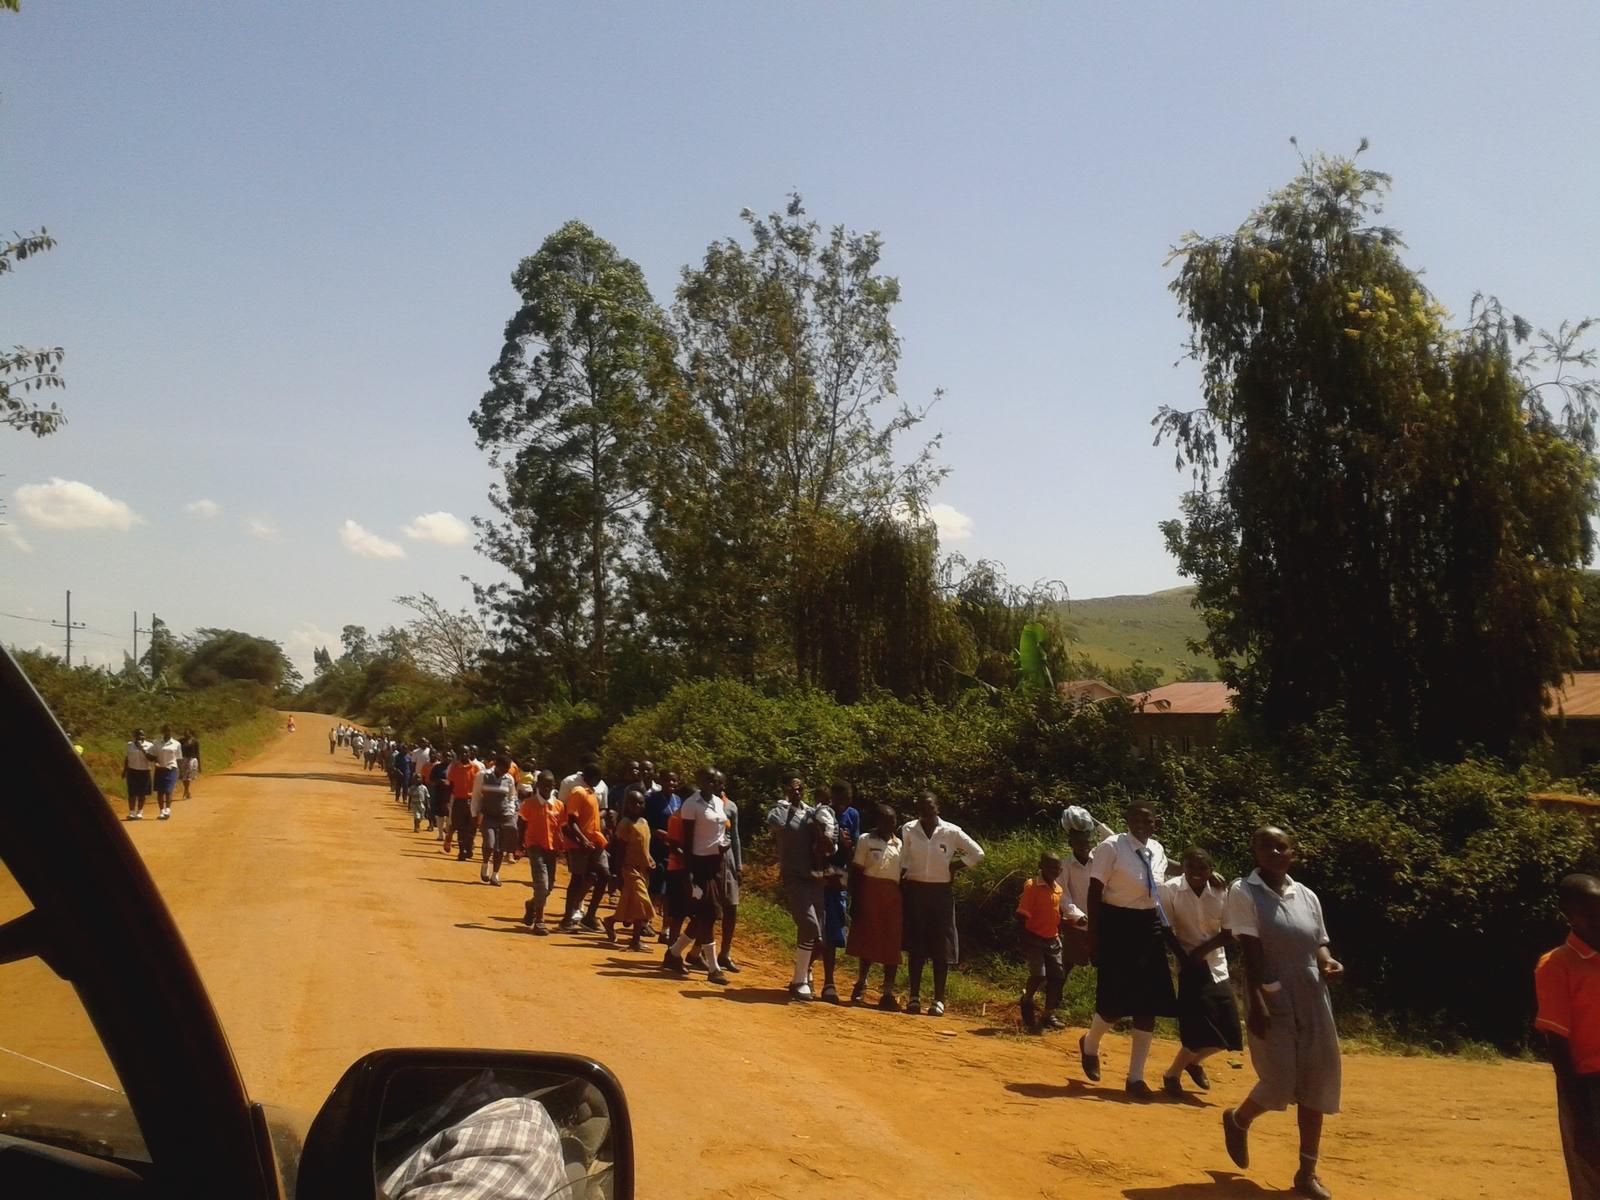 Kinder auf dem Rückweg von der Kirche